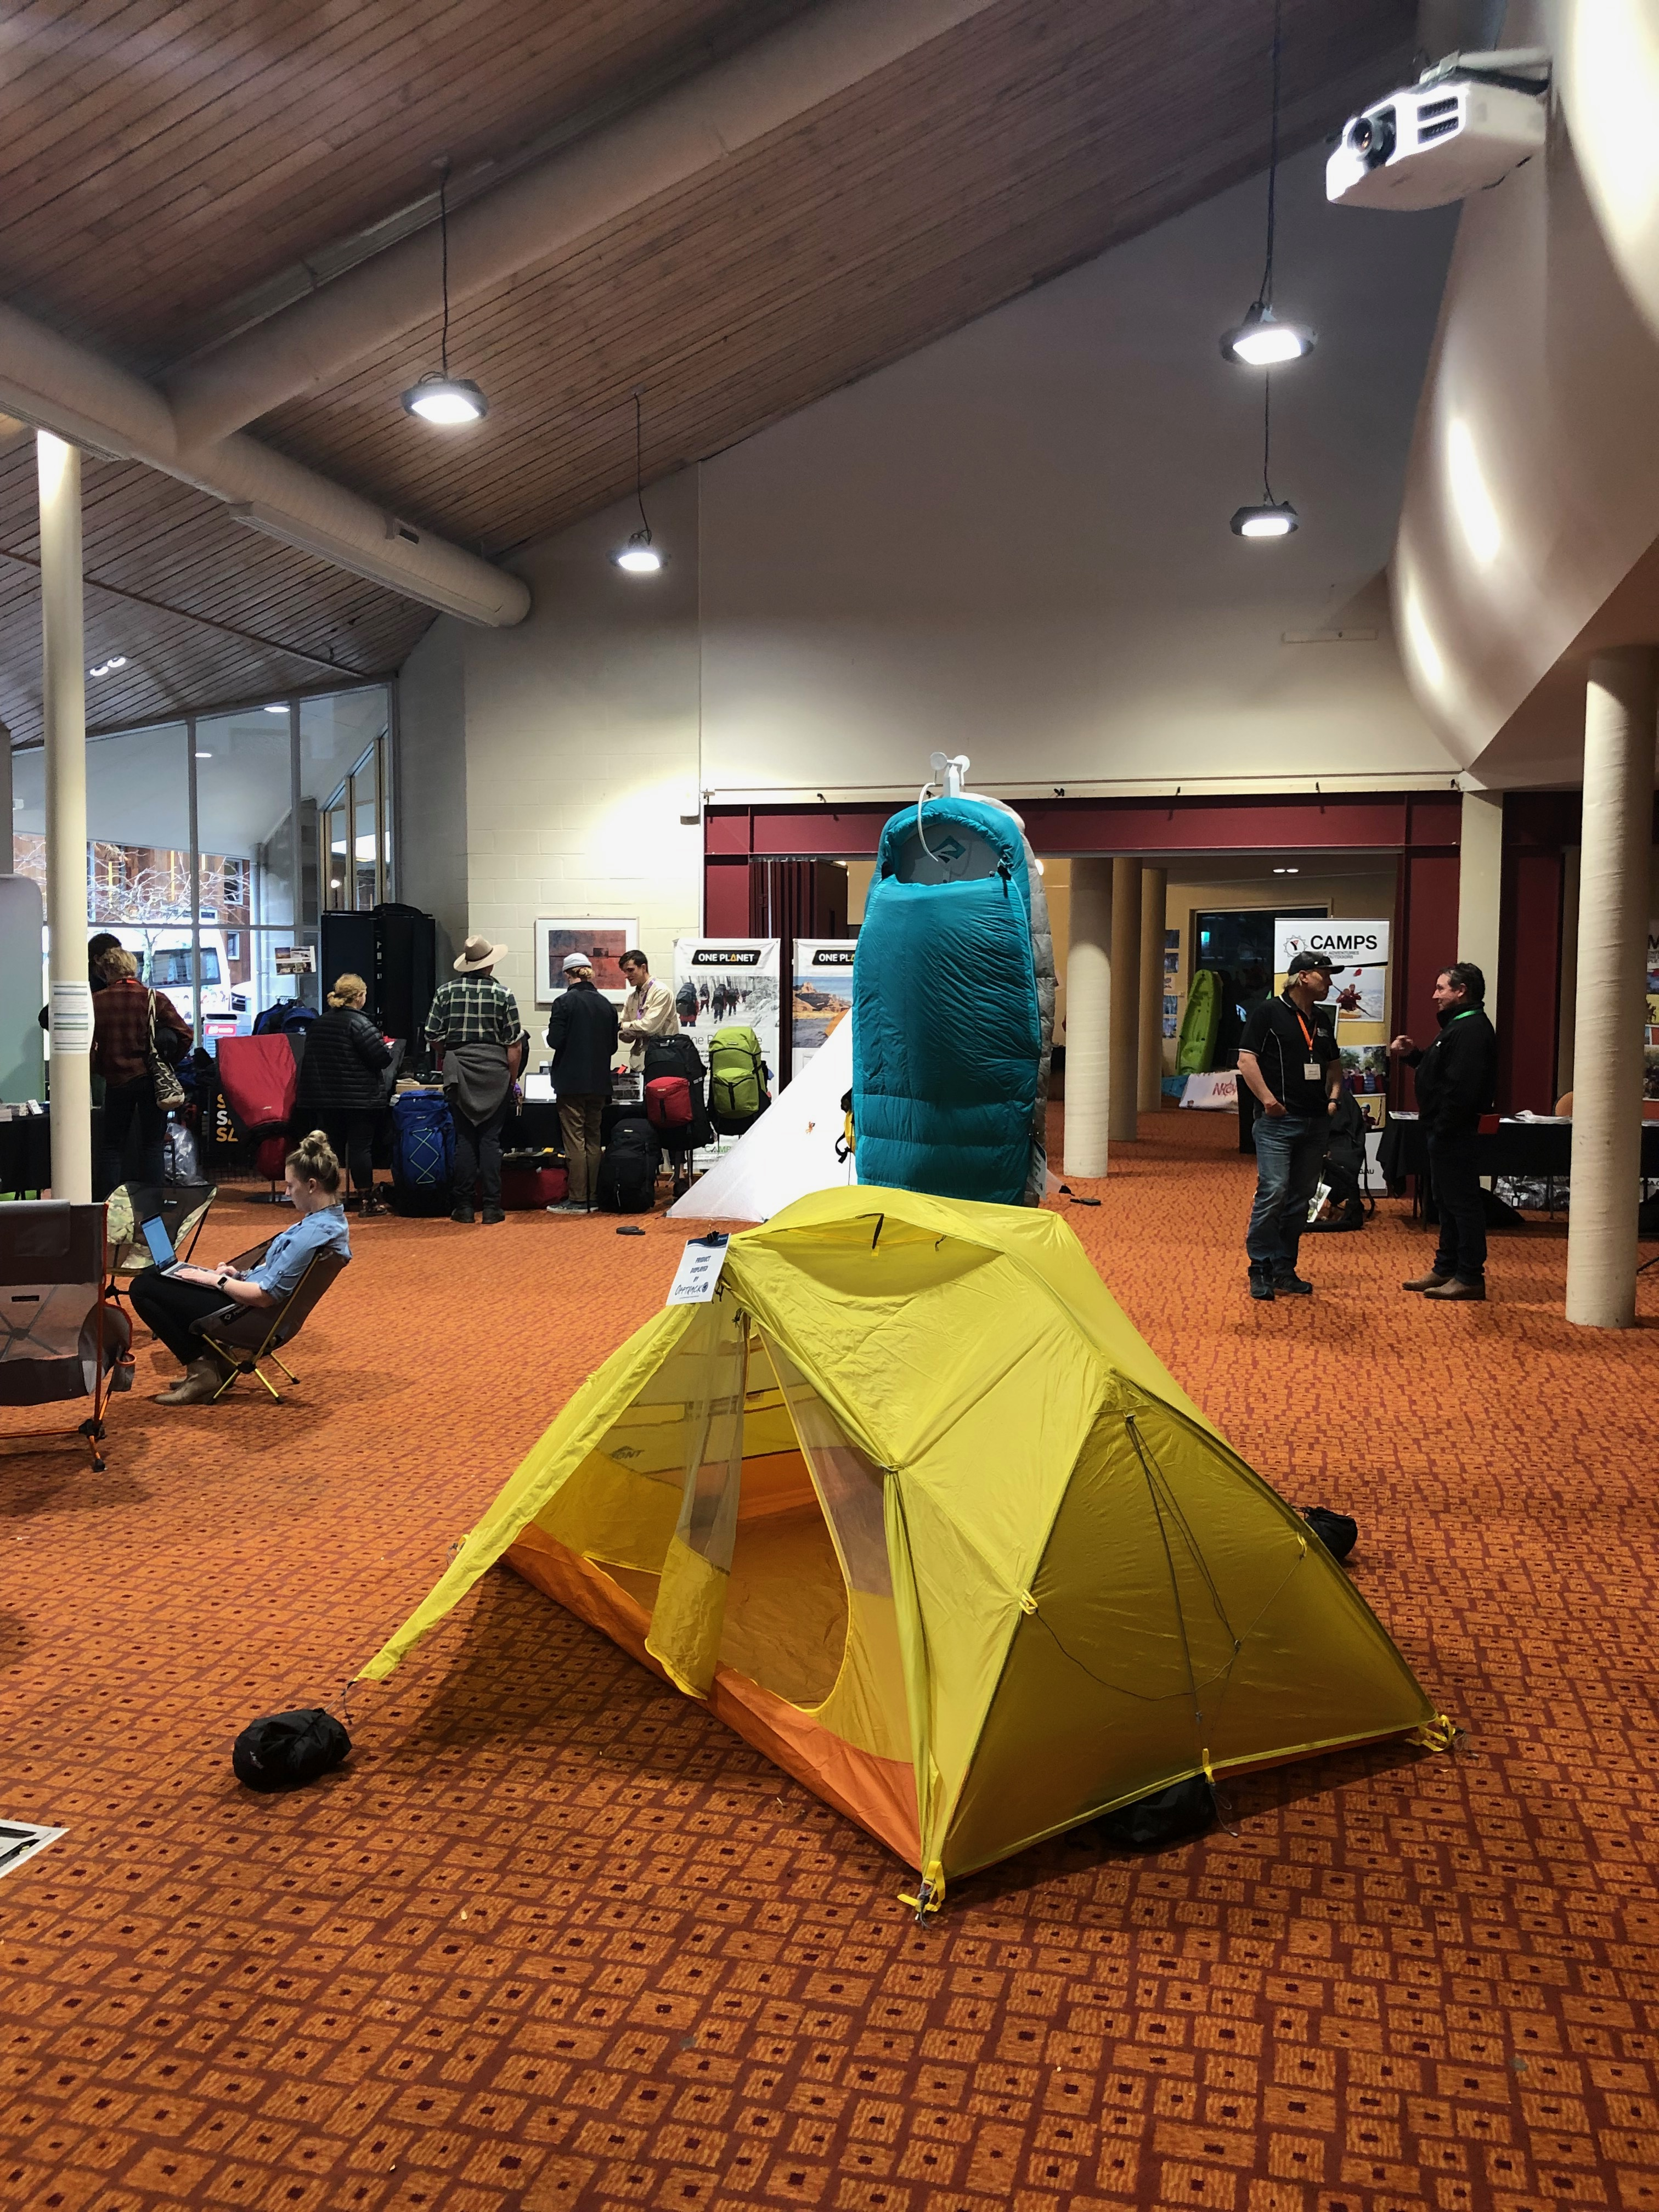 Exhibitor tents